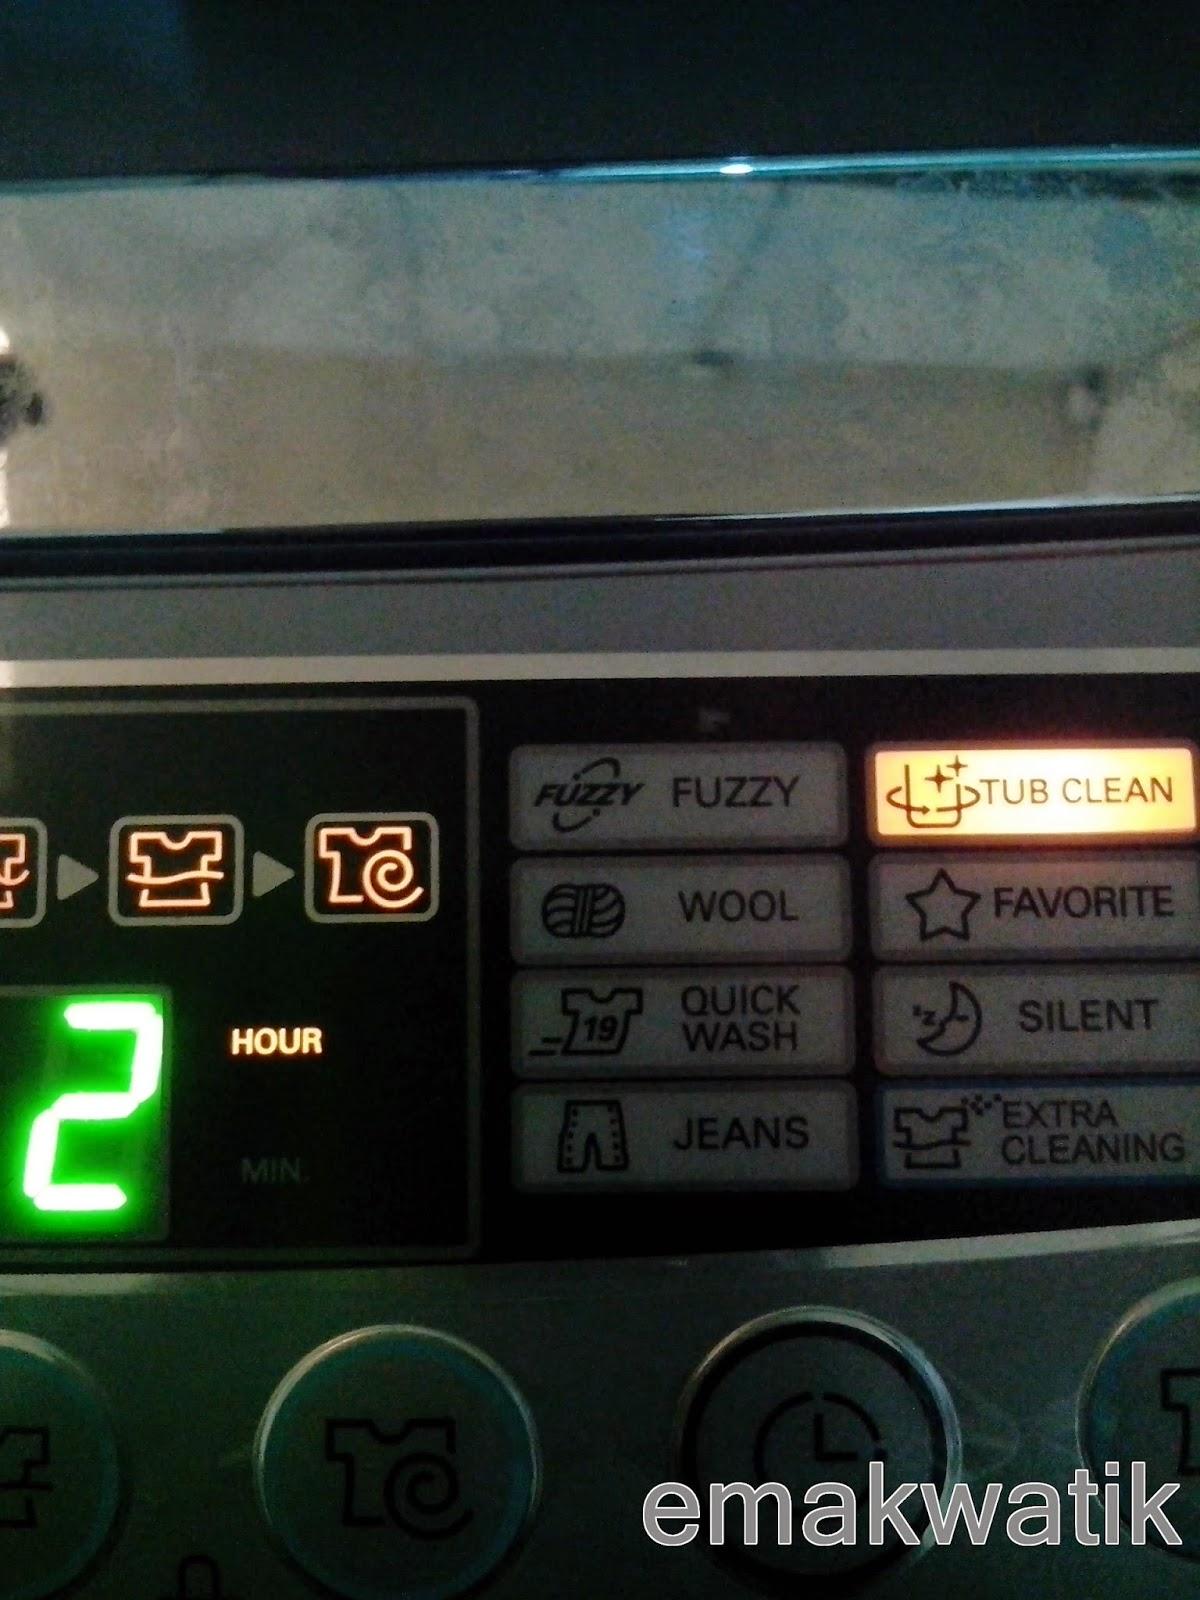 Tips Membersihkan Mesin Cuci Emakwatik Lg 1 Tabung Top Loading Wfl100tc 10kg Putih Tube Clean 2 Jam